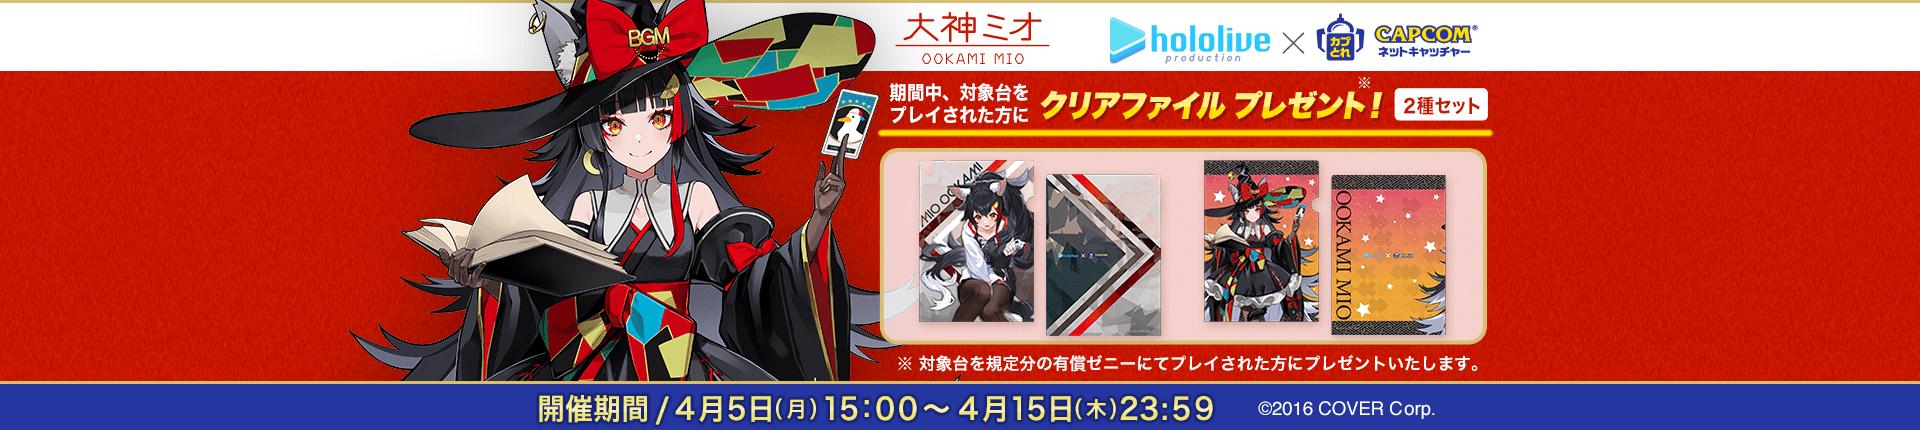 「カプとれ×大神ミオ コラボオリジナルクリアファイル」2種セットプレゼントキャンペーン